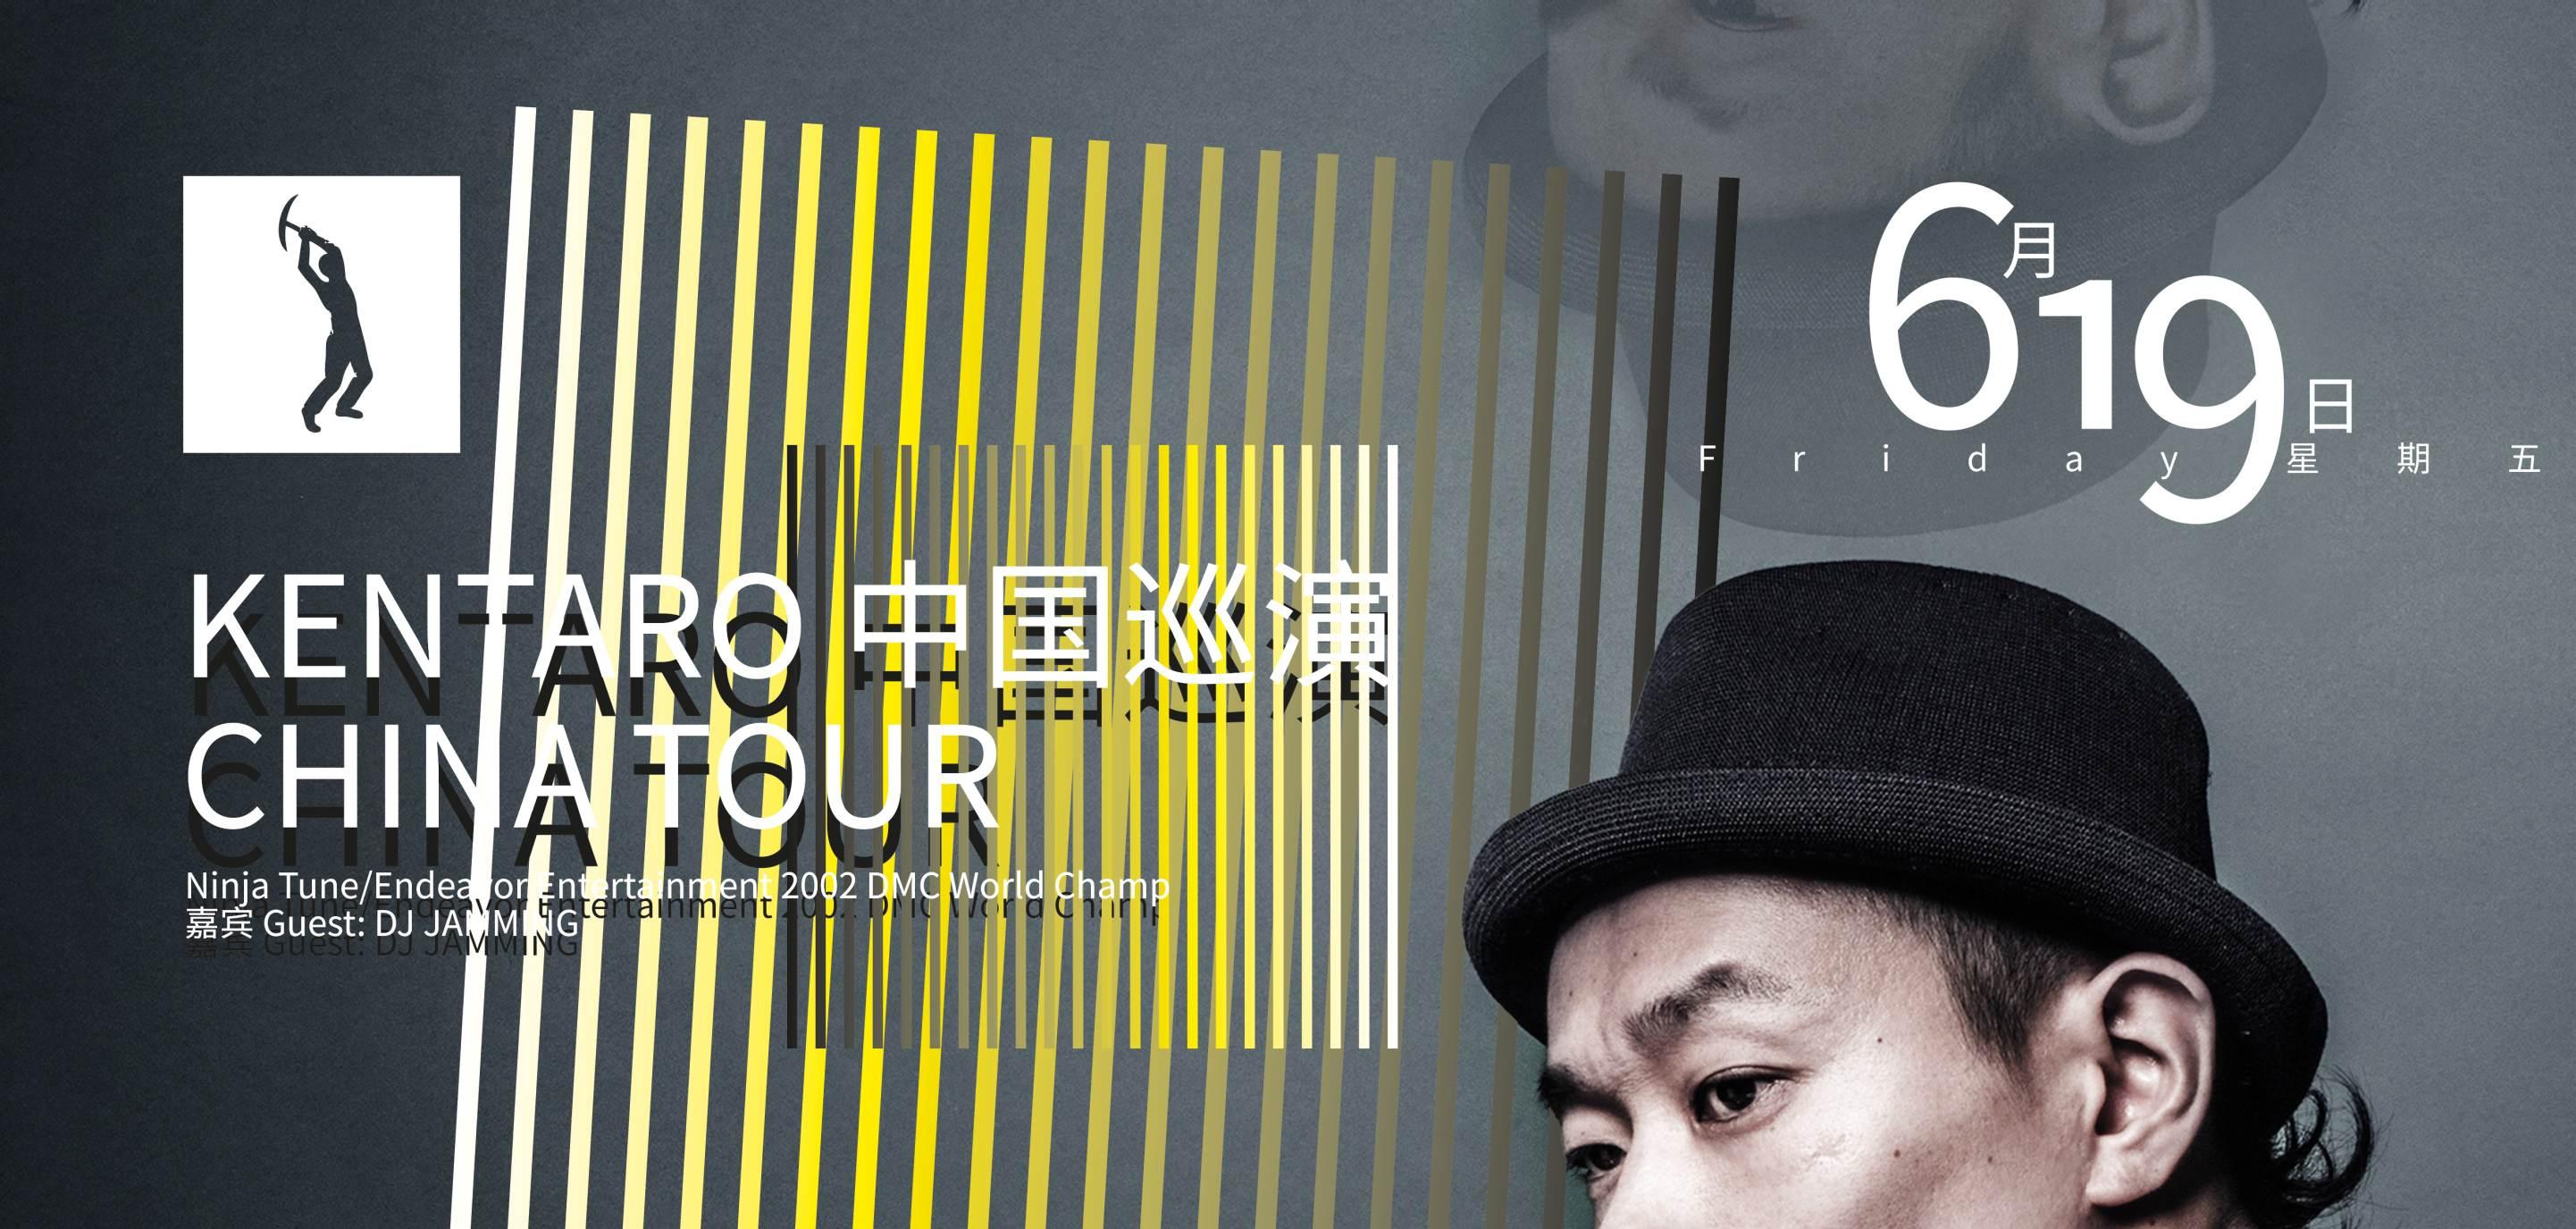 Yugon-Yishan-Dj-Kentaro-2015-Poster-RZ-Web-Header